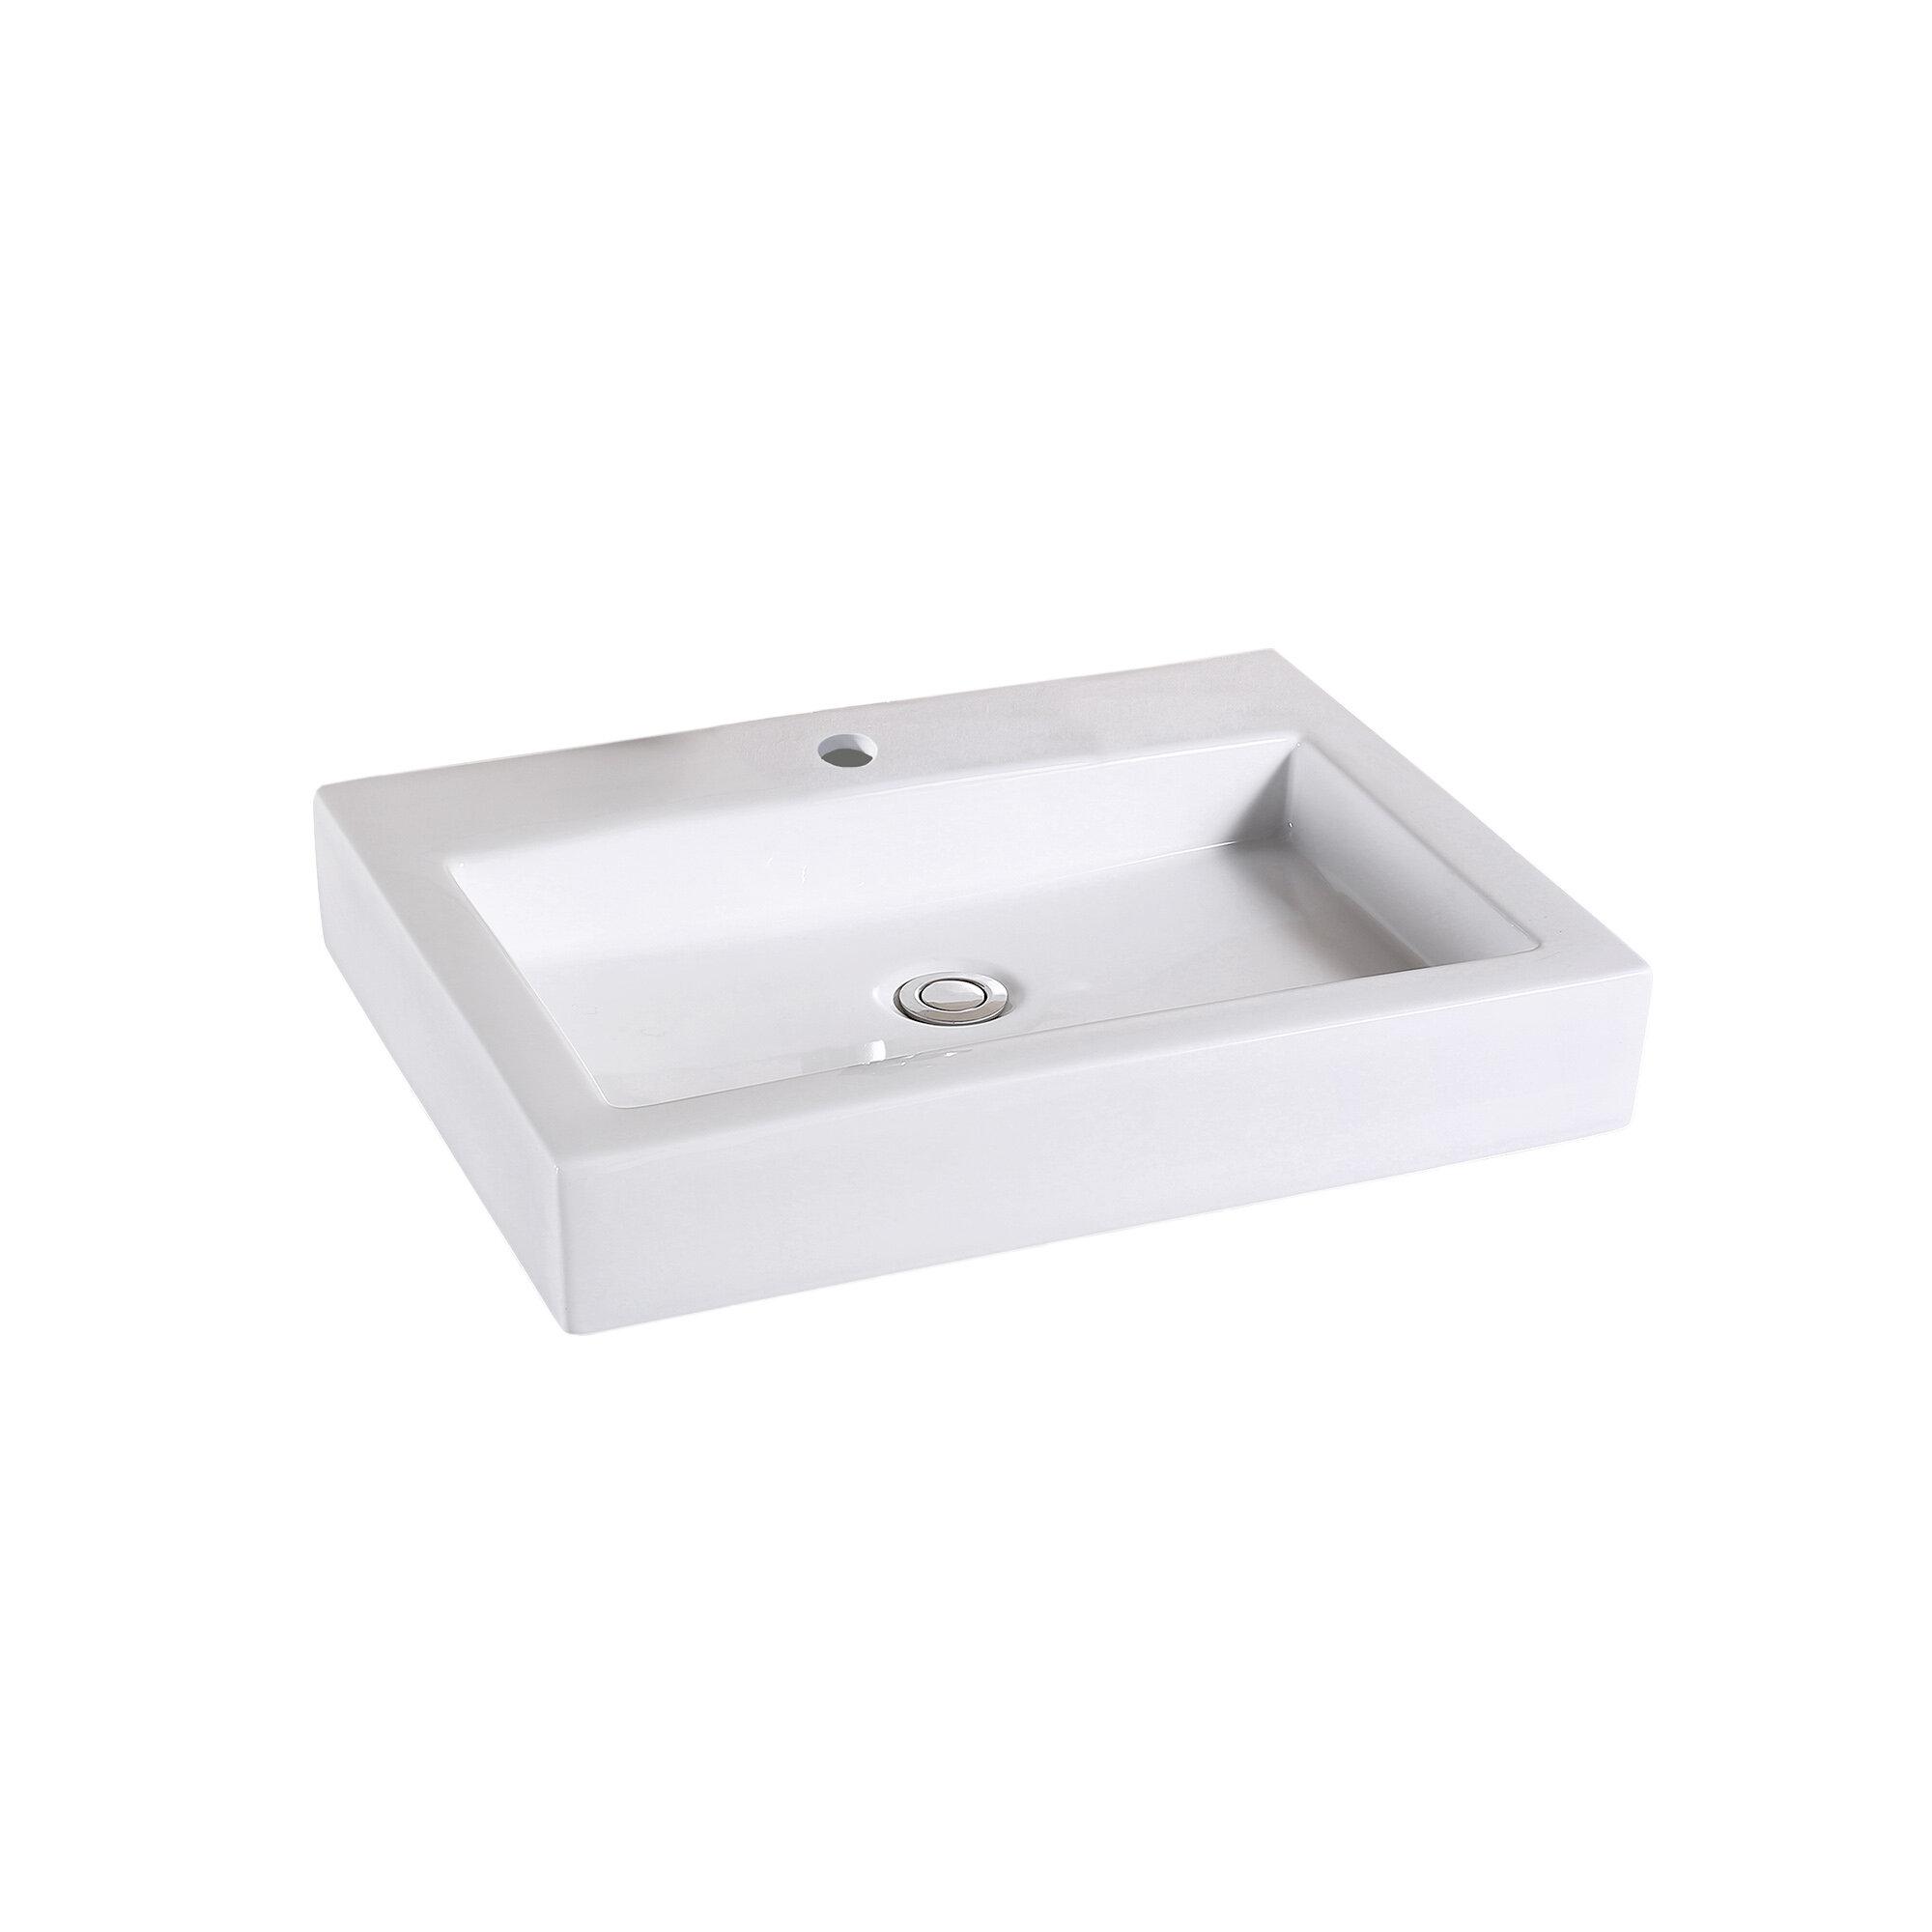 Glazed White Ceramic Rectangular Vessel Bathroom Sink Reviews Allmodern